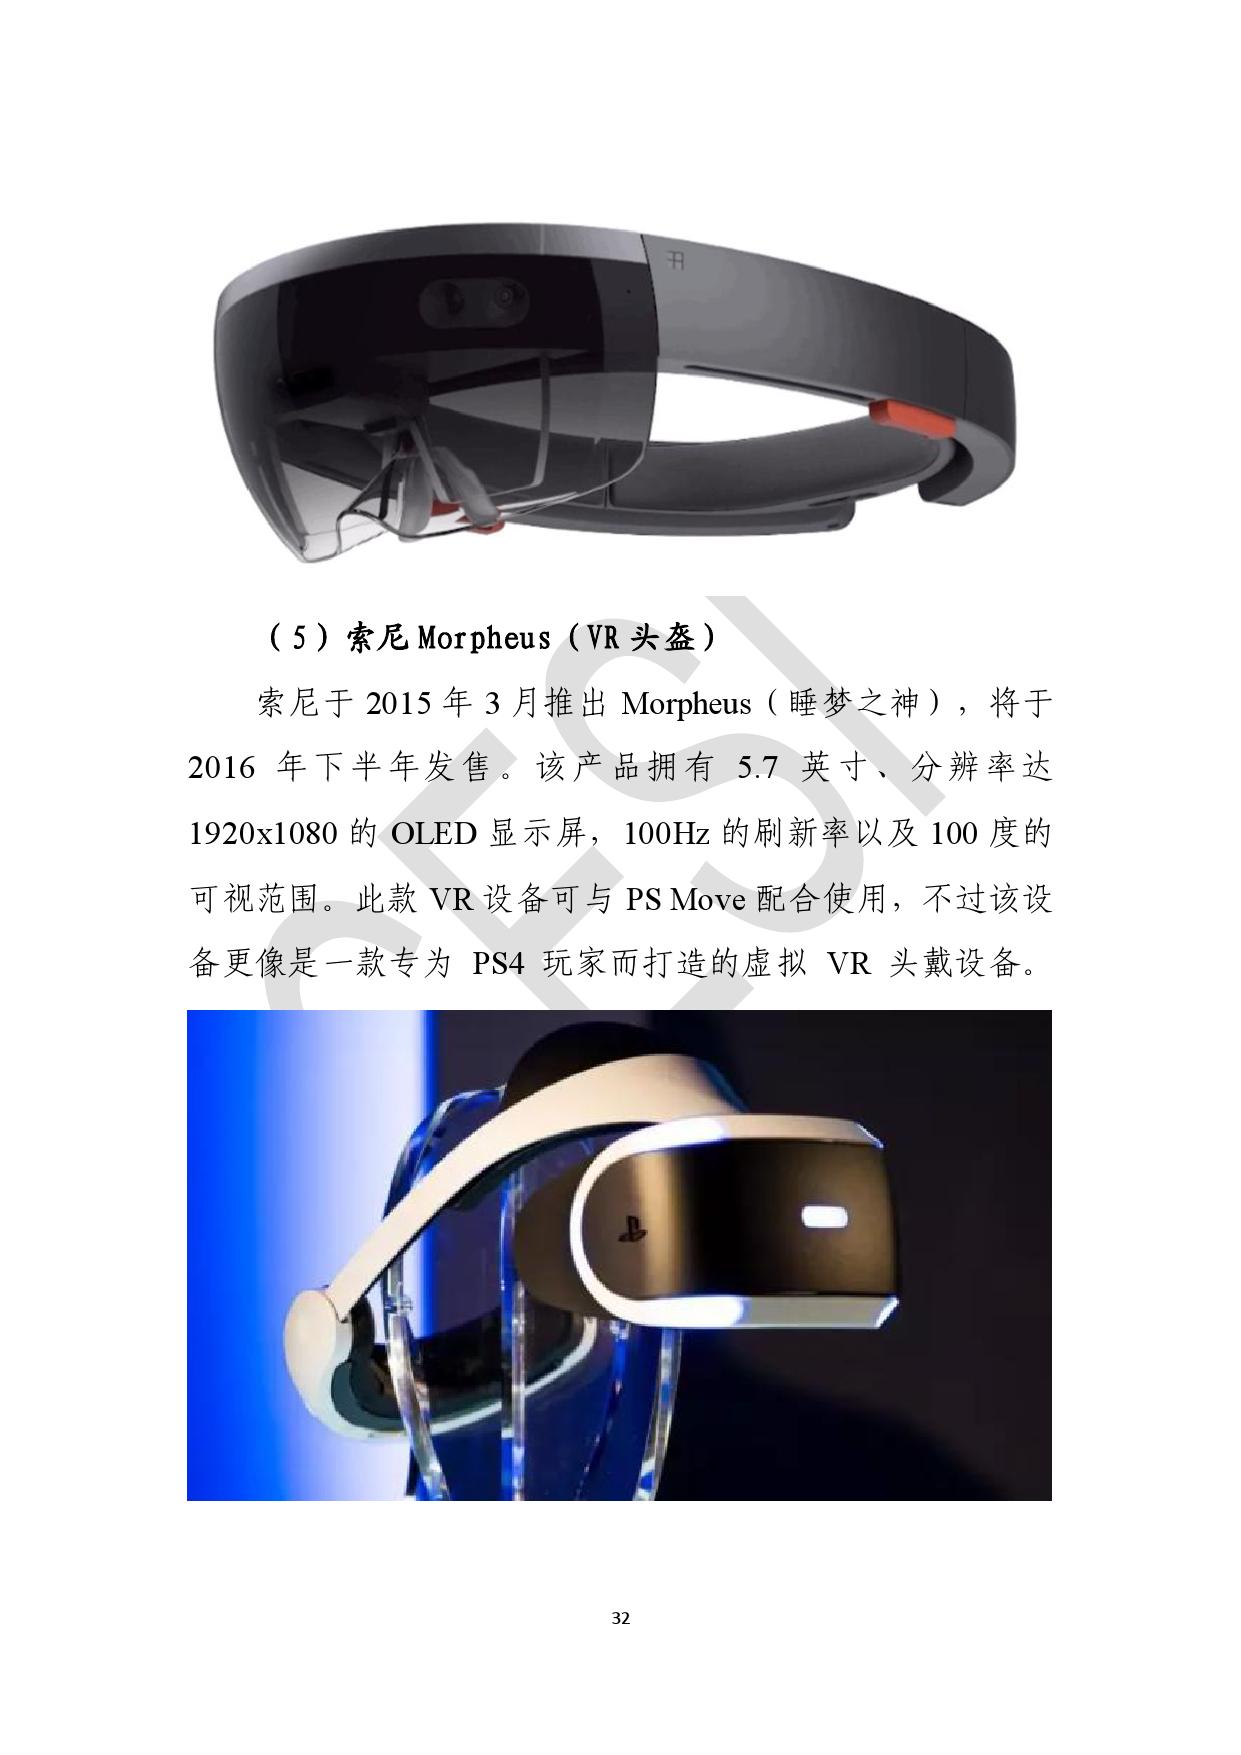 2016年虚拟现实产业发展白皮书_000034